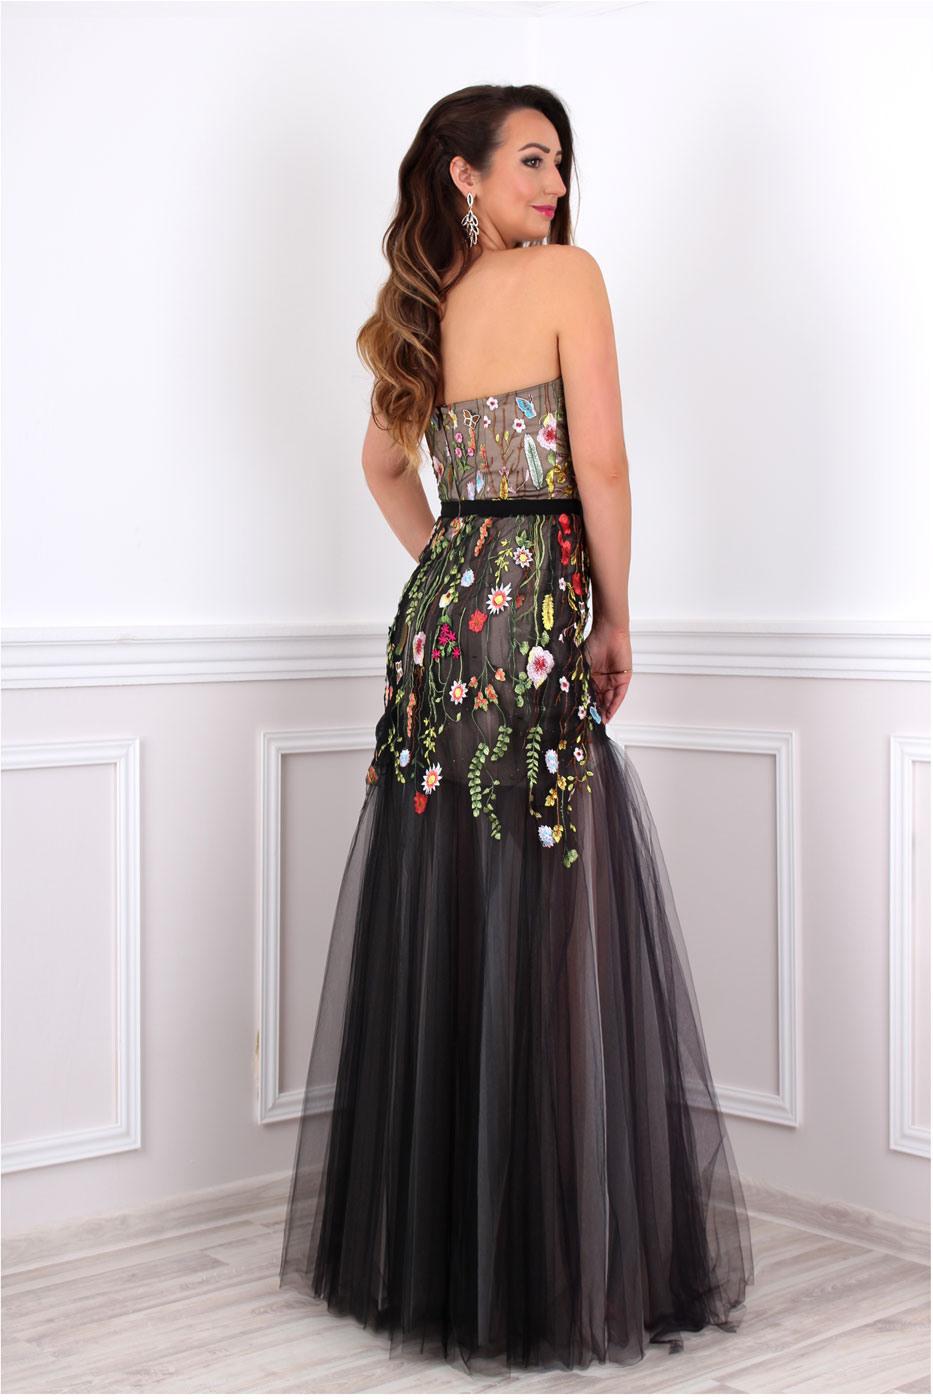 20 Cool Abendkleid Blumen Vertrieb13 Schön Abendkleid Blumen Design